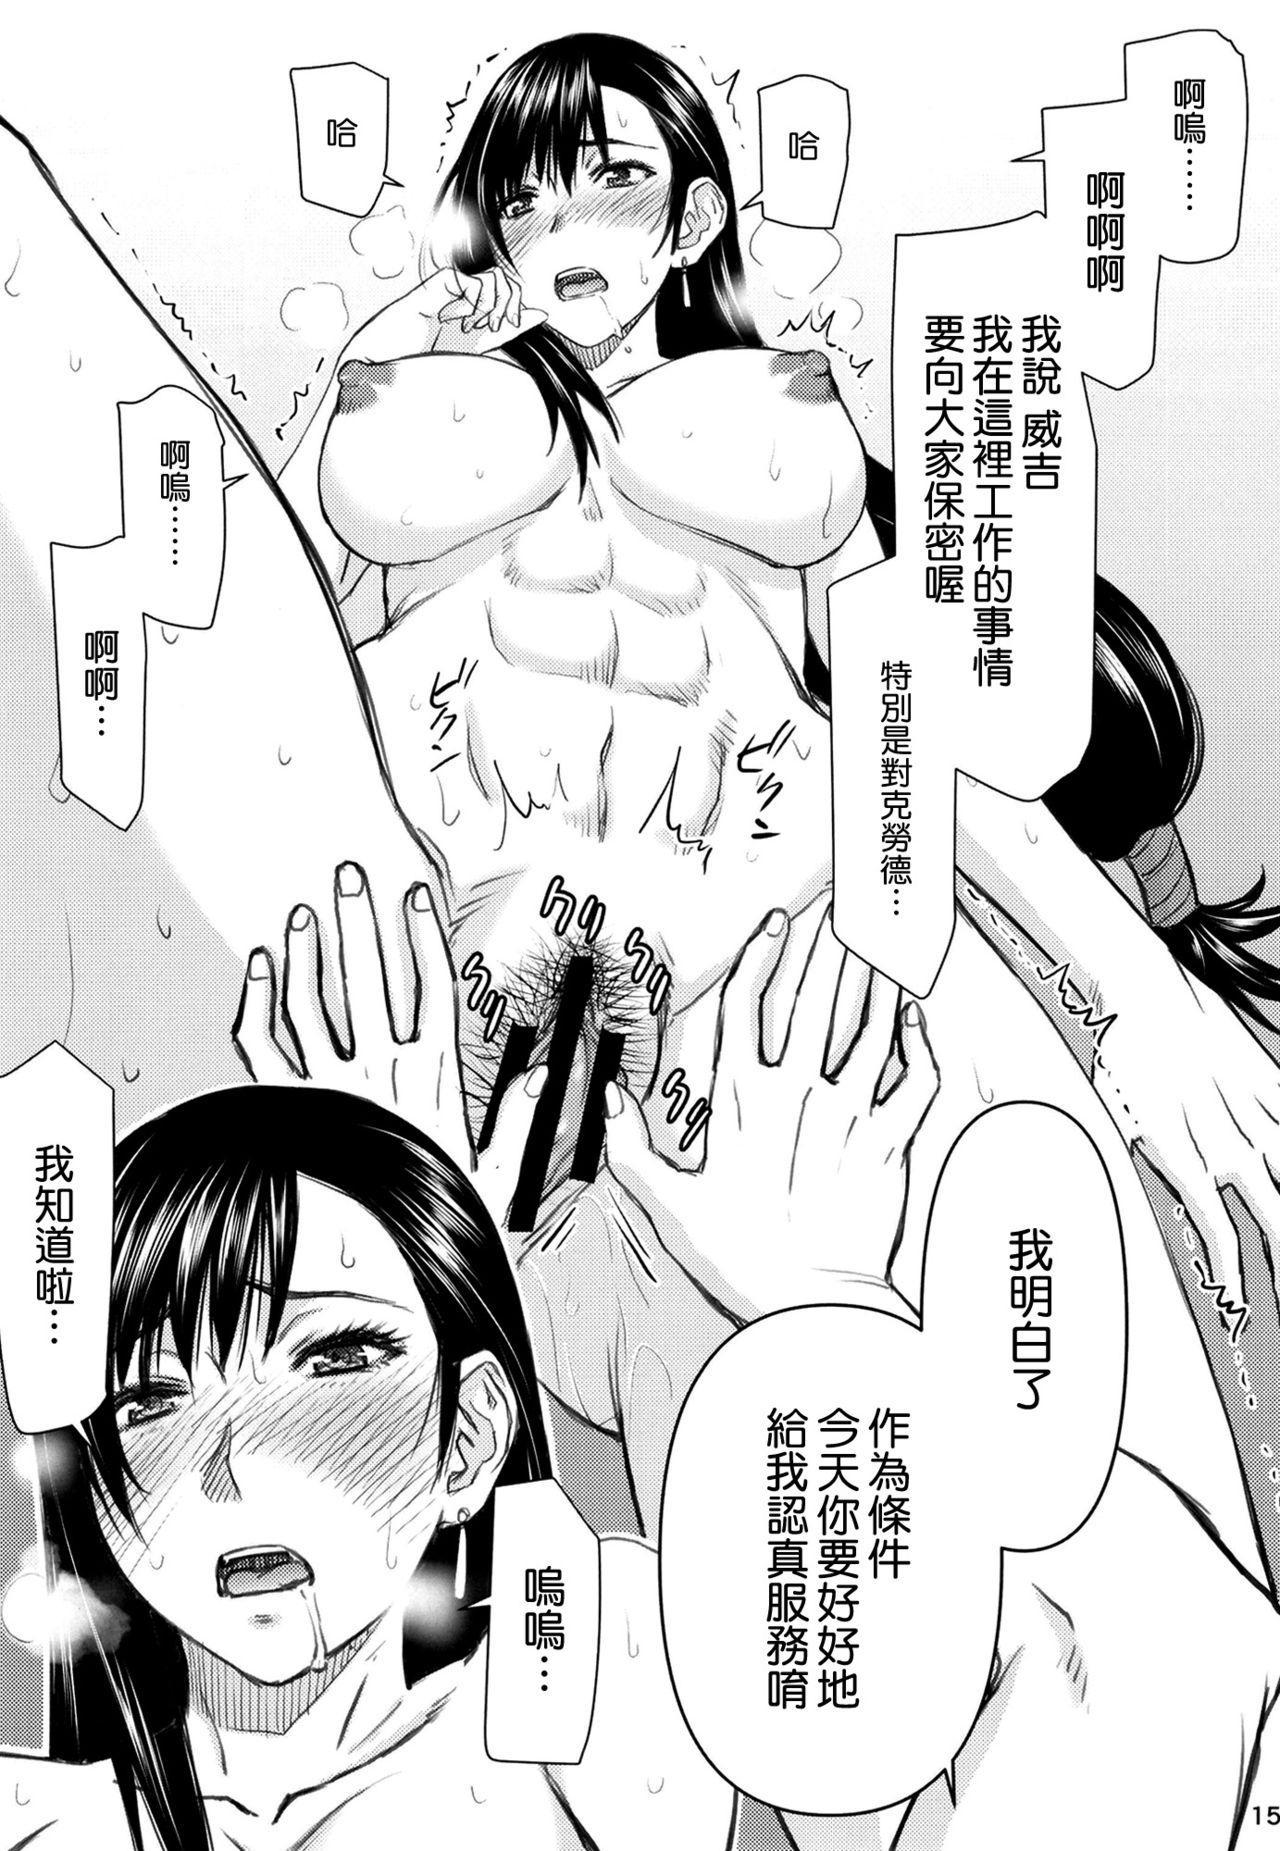 Tifa-san no Fuuzoku Kinmu 14